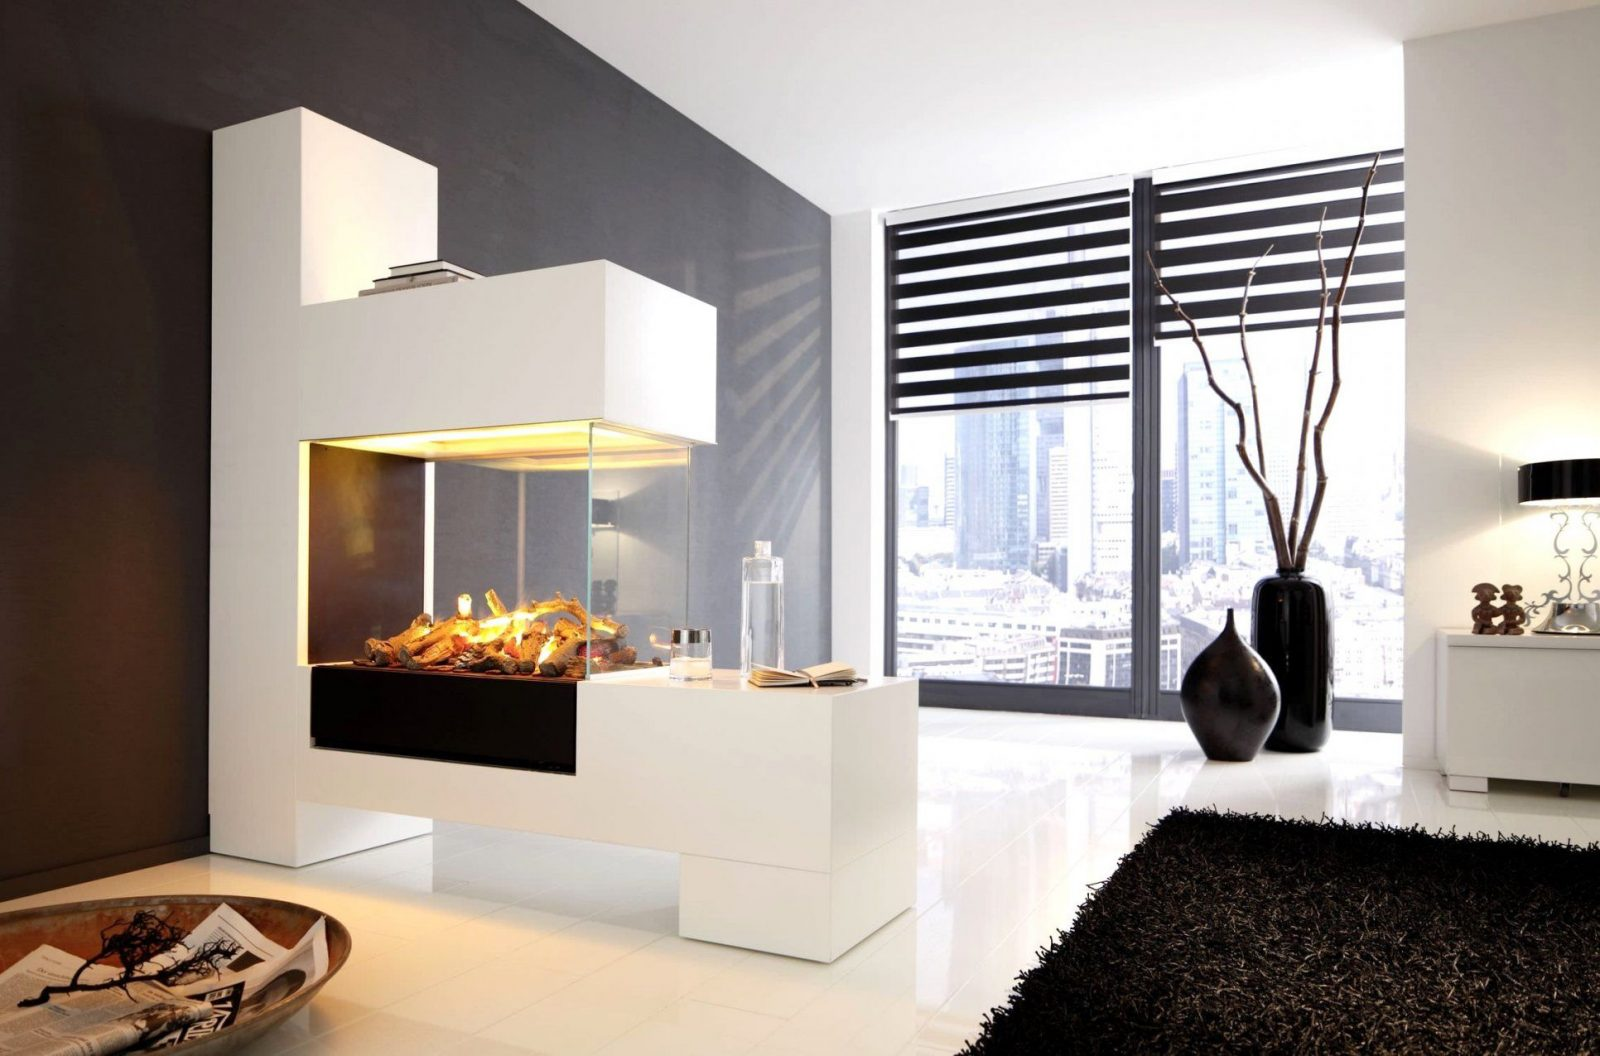 Extraordinary Kamin Wohnzimmer Kosten Stinkt Abstand Ohne Rauchabzug von Kamin Wohnzimmer Ohne Rauchabzug Bild